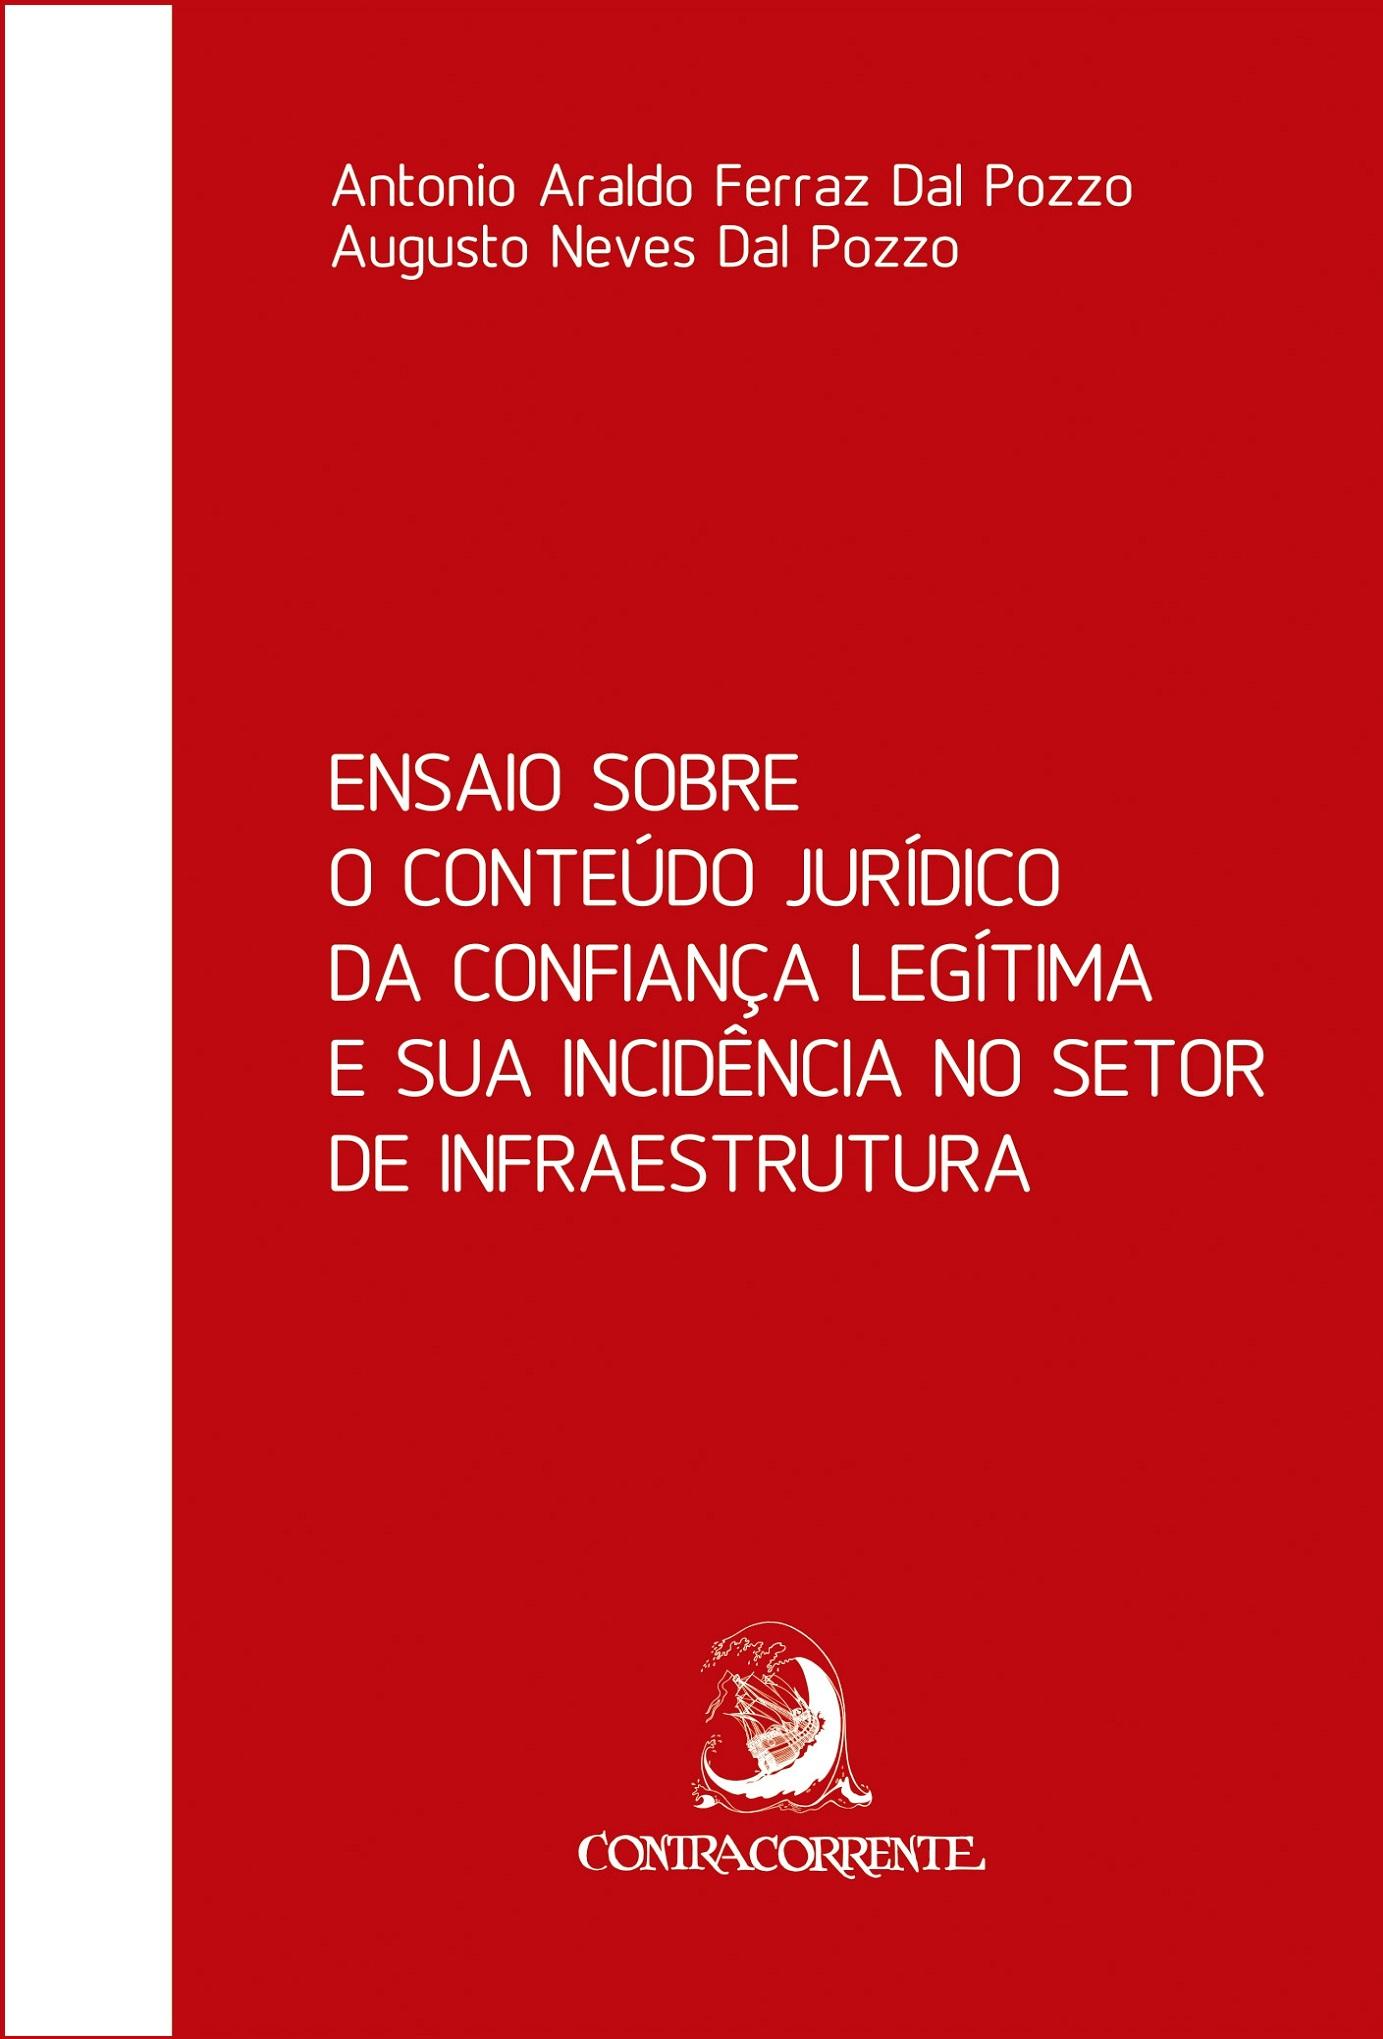 Ensaio sobre o conteúdo jurídico da confiança legítima e sua incidência no setor de infraestrutura, livro de Antonio Araldo Ferraz Dal Pozzo, Augusto Neves Dal Pozzo